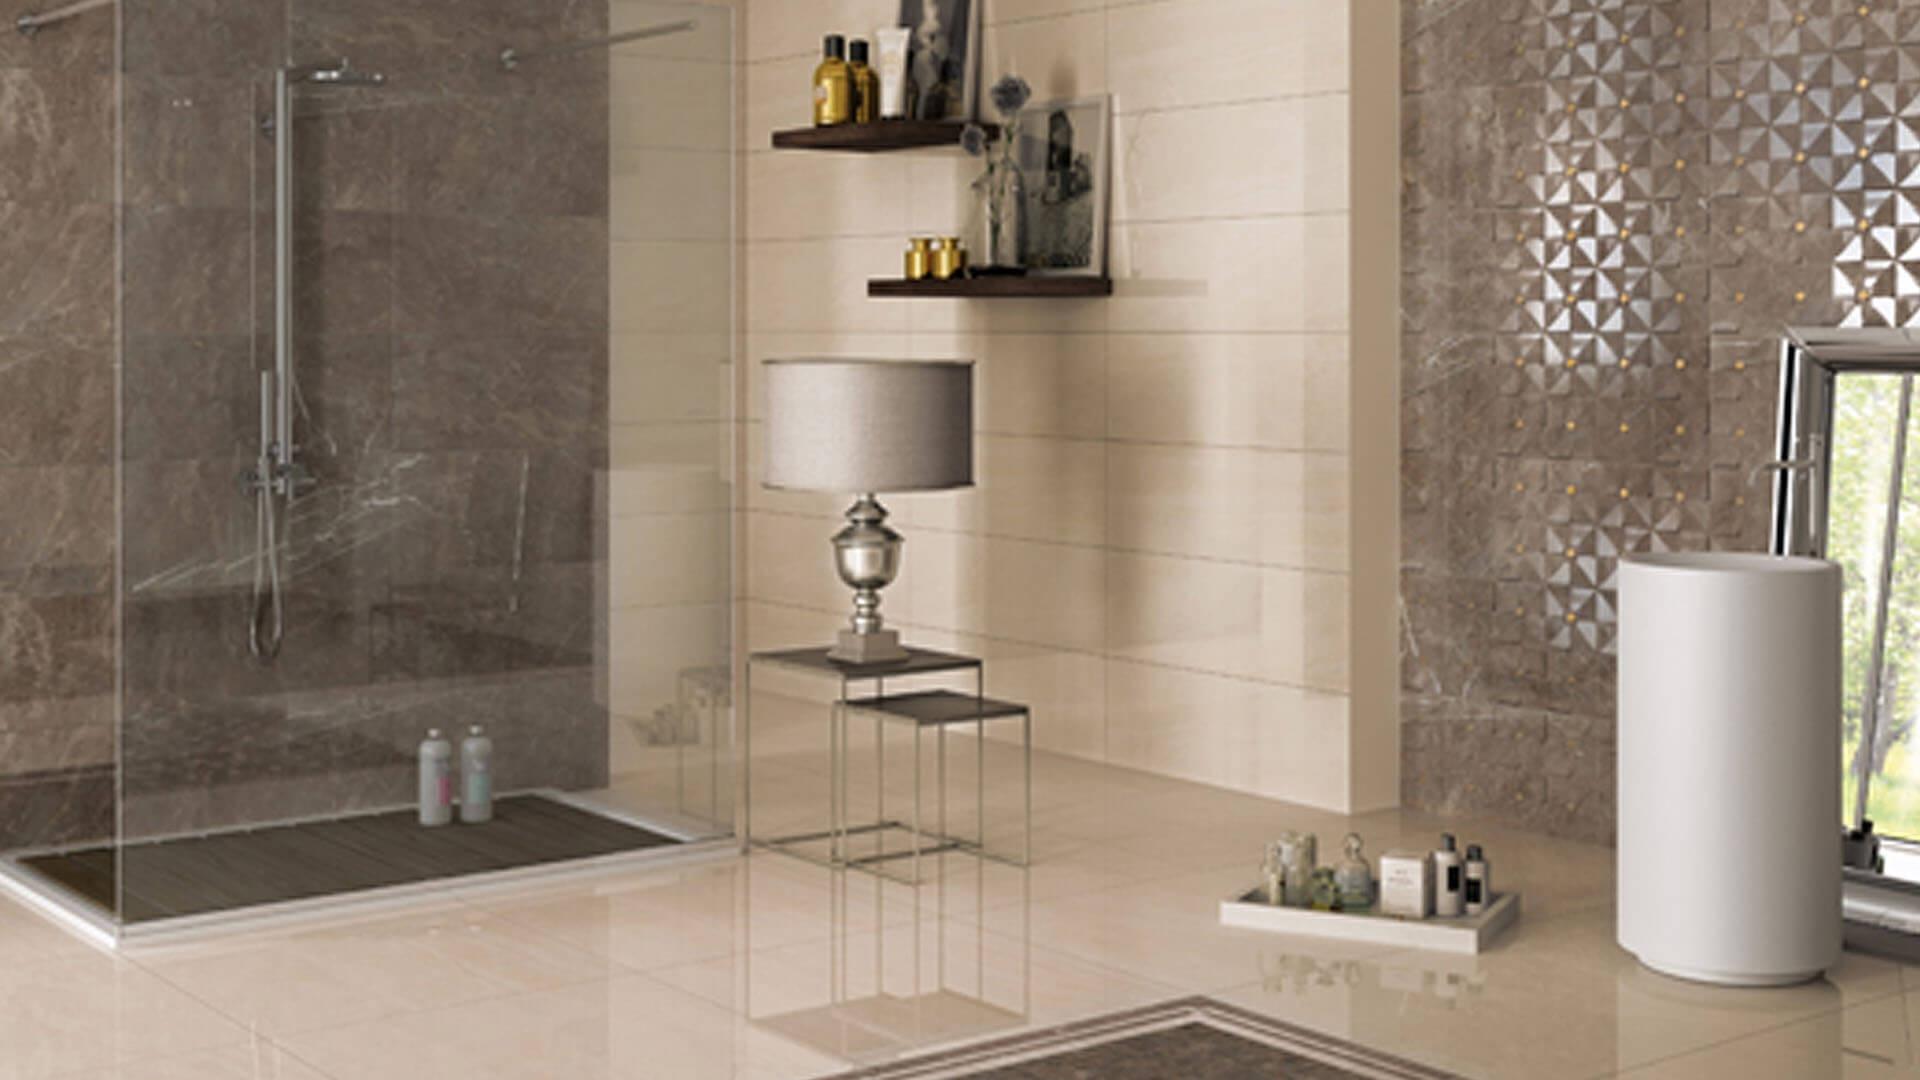 salle de bain robinetterie en seine et marne 77 melun les gr s de cologne. Black Bedroom Furniture Sets. Home Design Ideas